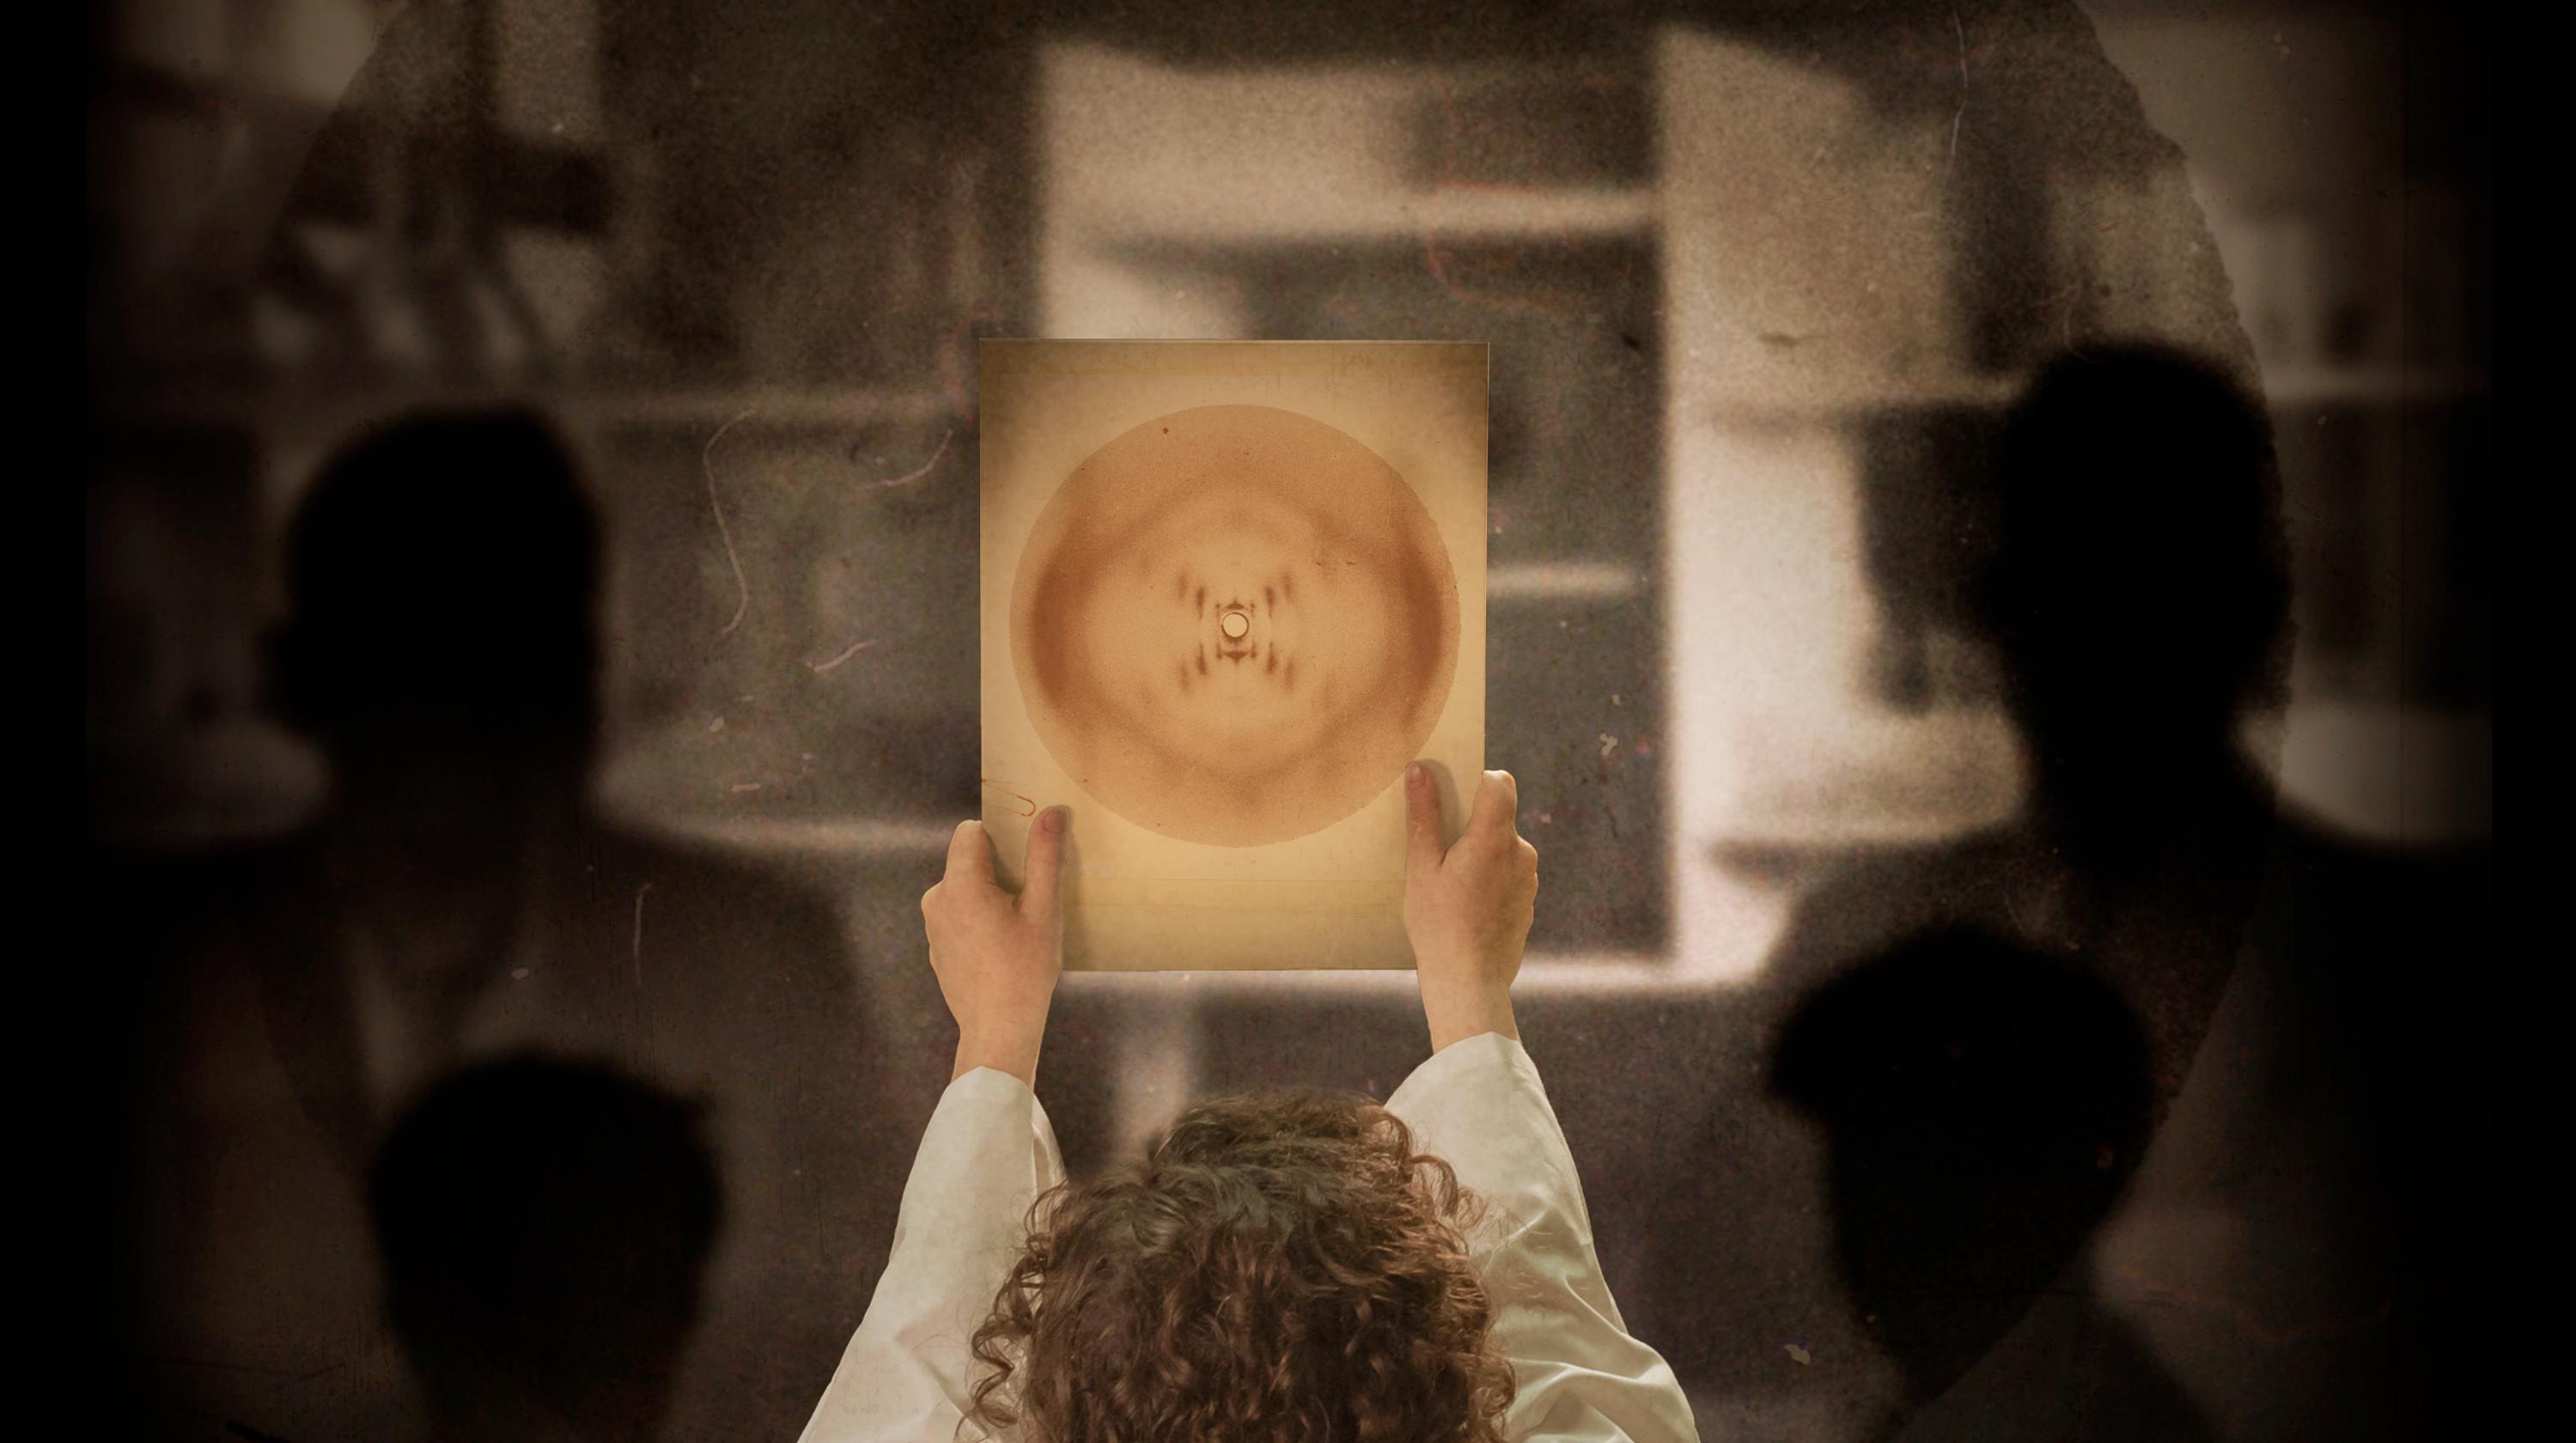 Photograph 51 Asks If Rosalind Franklin Gets Credit She Deserves